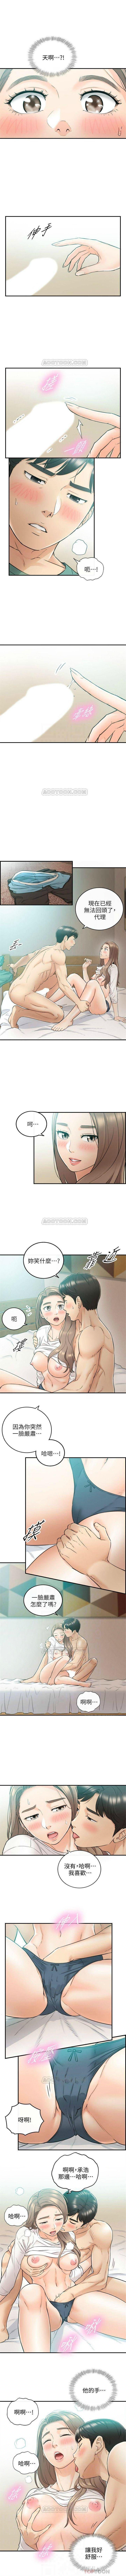 (週5)正妹小主管 1-39 中文翻譯(更新中) 178